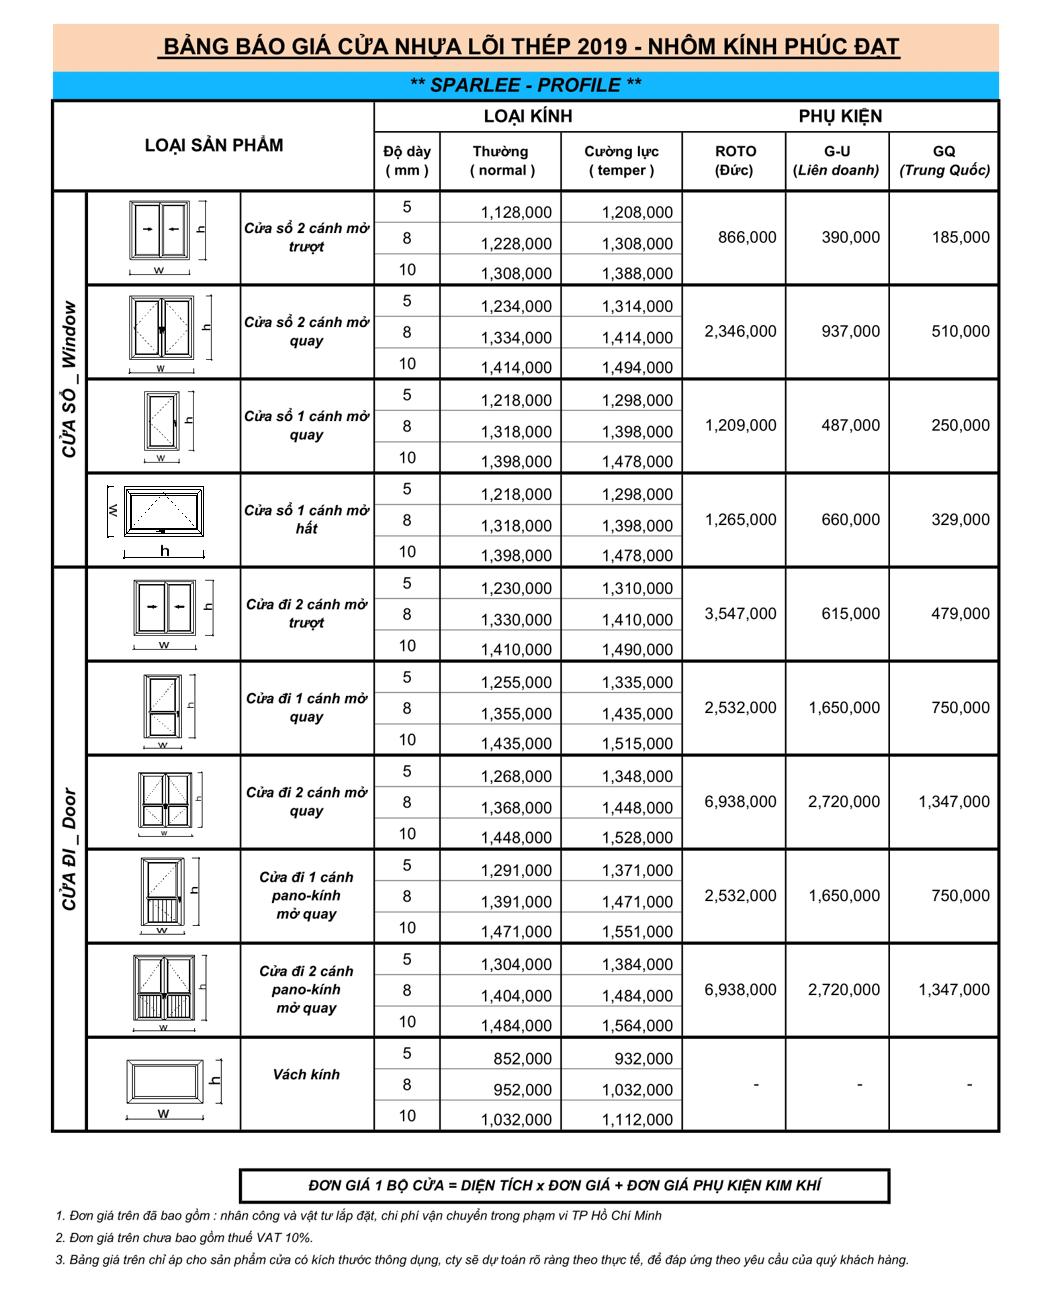 Bảng báo giá cửa nhựa lõi thép 2021 - Sparlee Profile